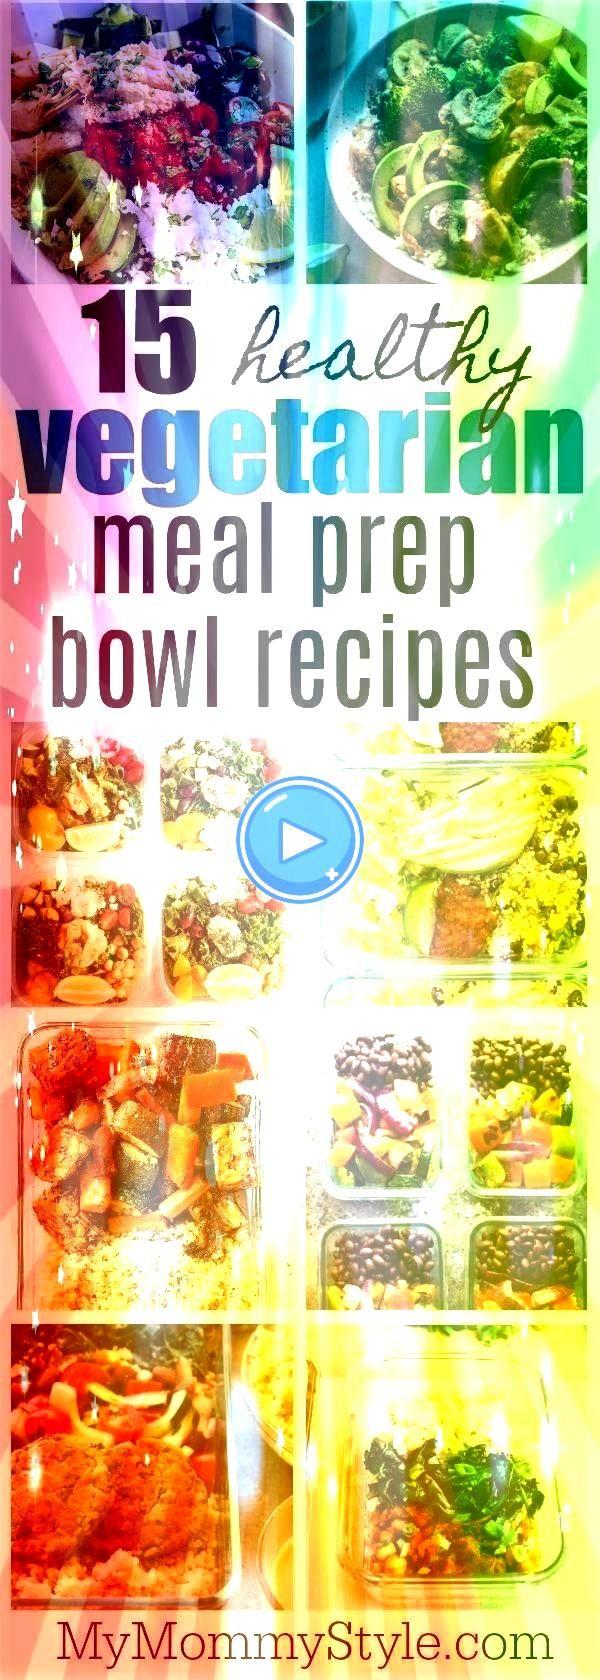 vegetarian meal prep bowls  Food 15 healthy vegetarian meal prep bowls  Food  Die Frühlingsrollen kannst du selber machen und sie werden so lecker gefüllt  Spic...